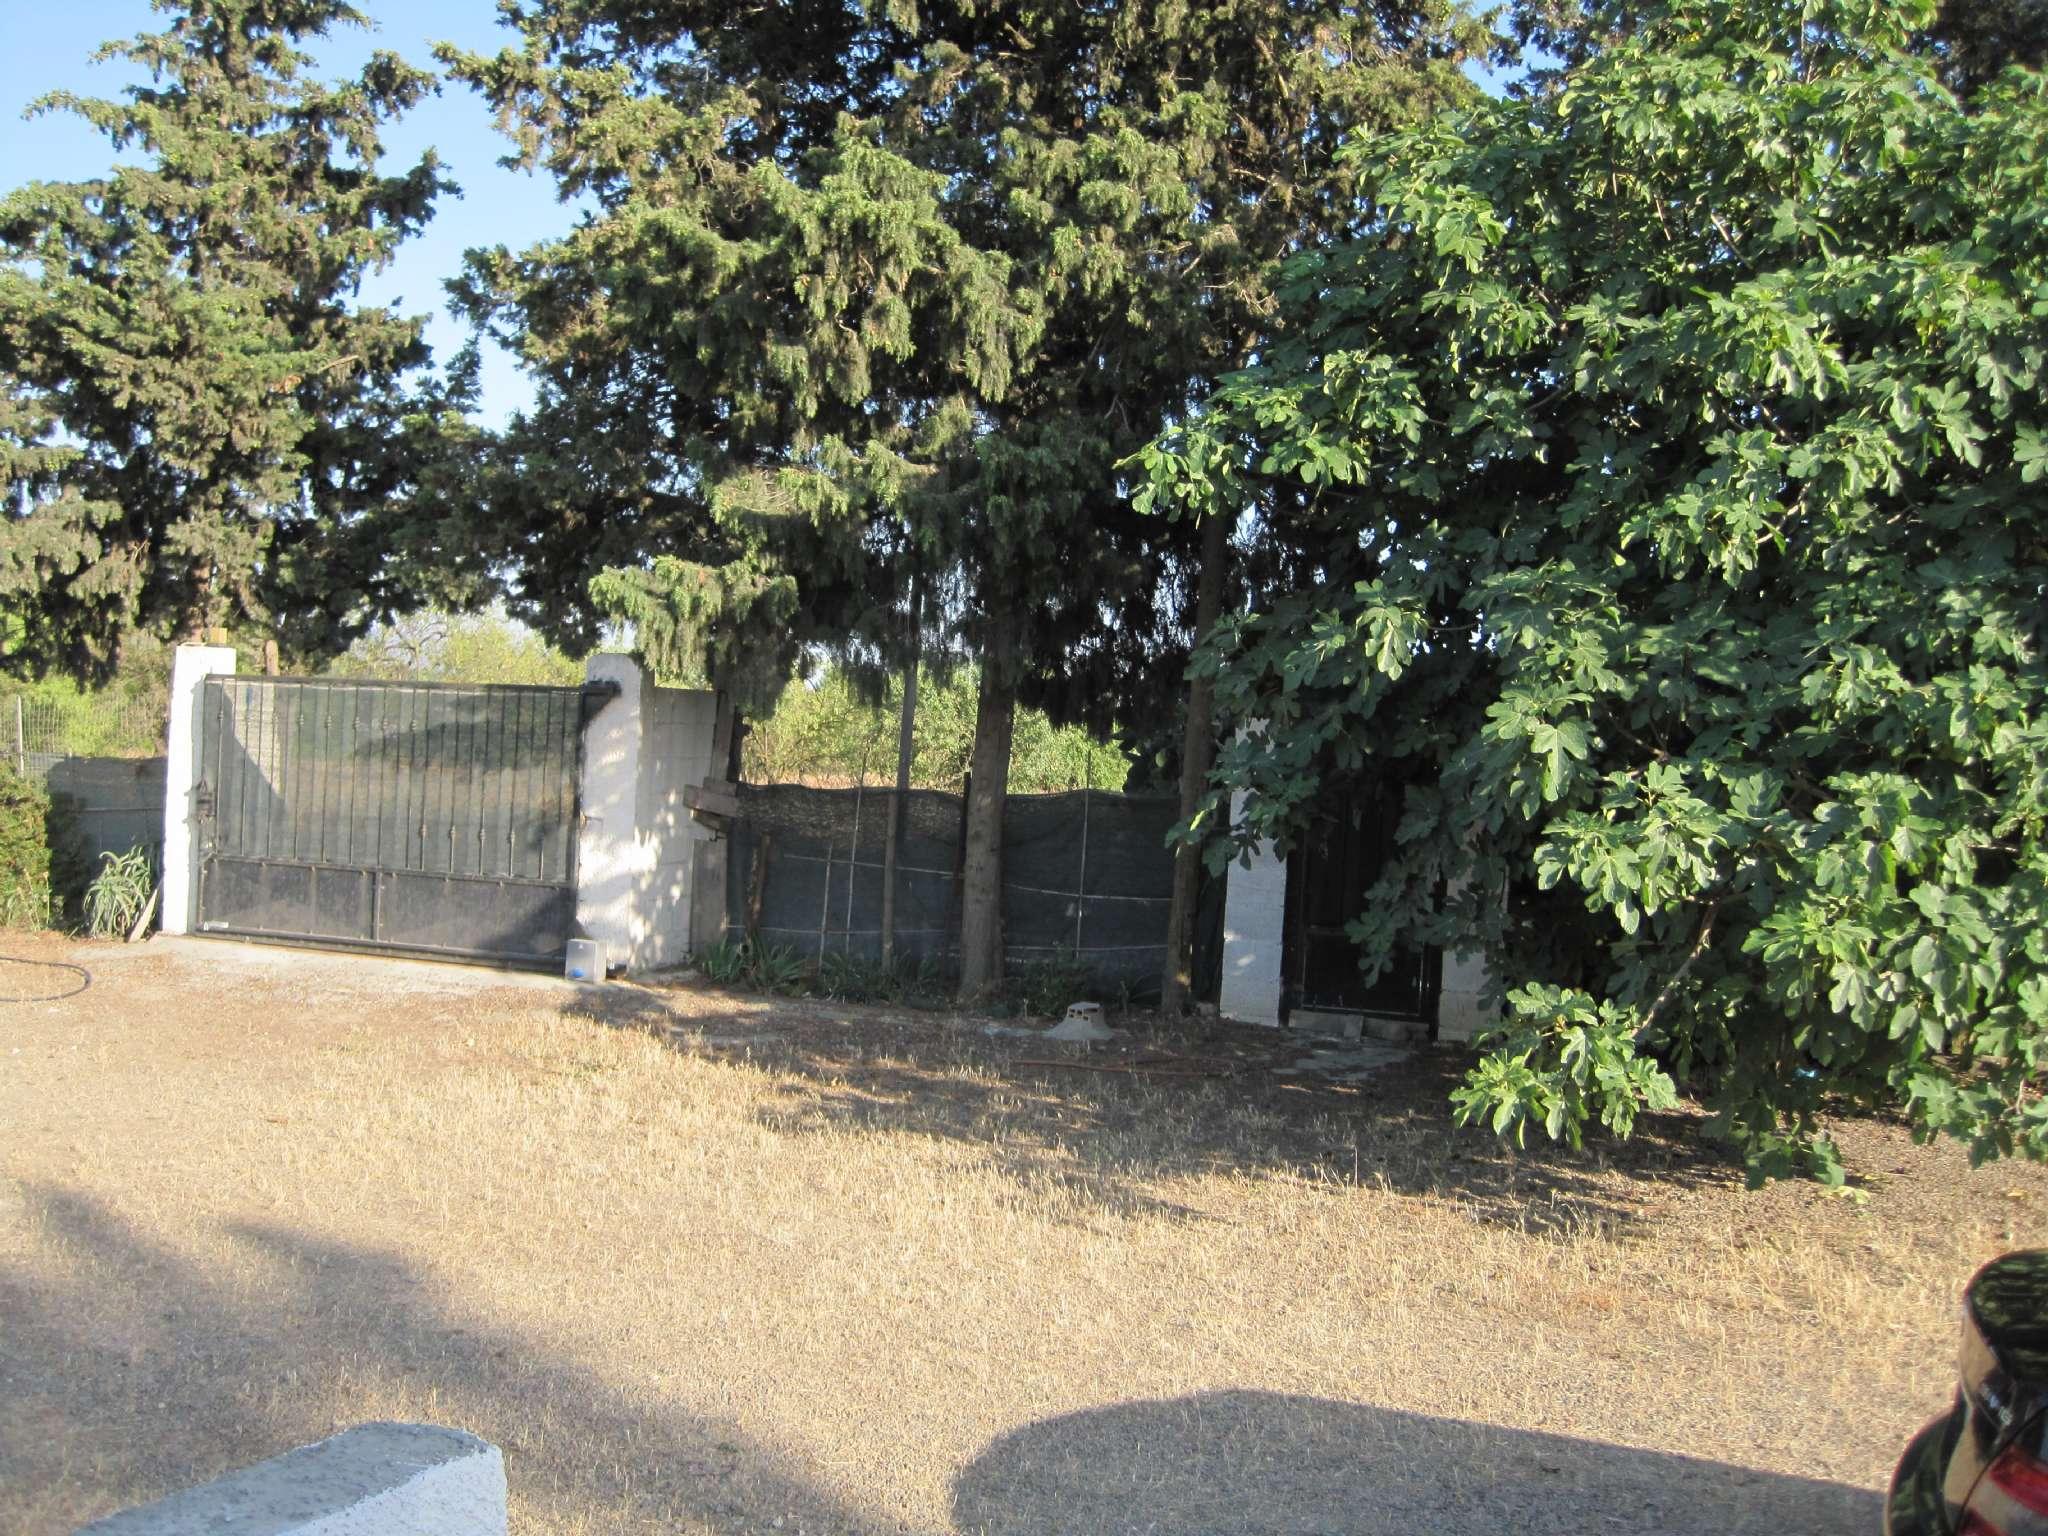 Soluzione Indipendente in vendita a Quartu Sant'Elena, 4 locali, prezzo € 130.000 | CambioCasa.it